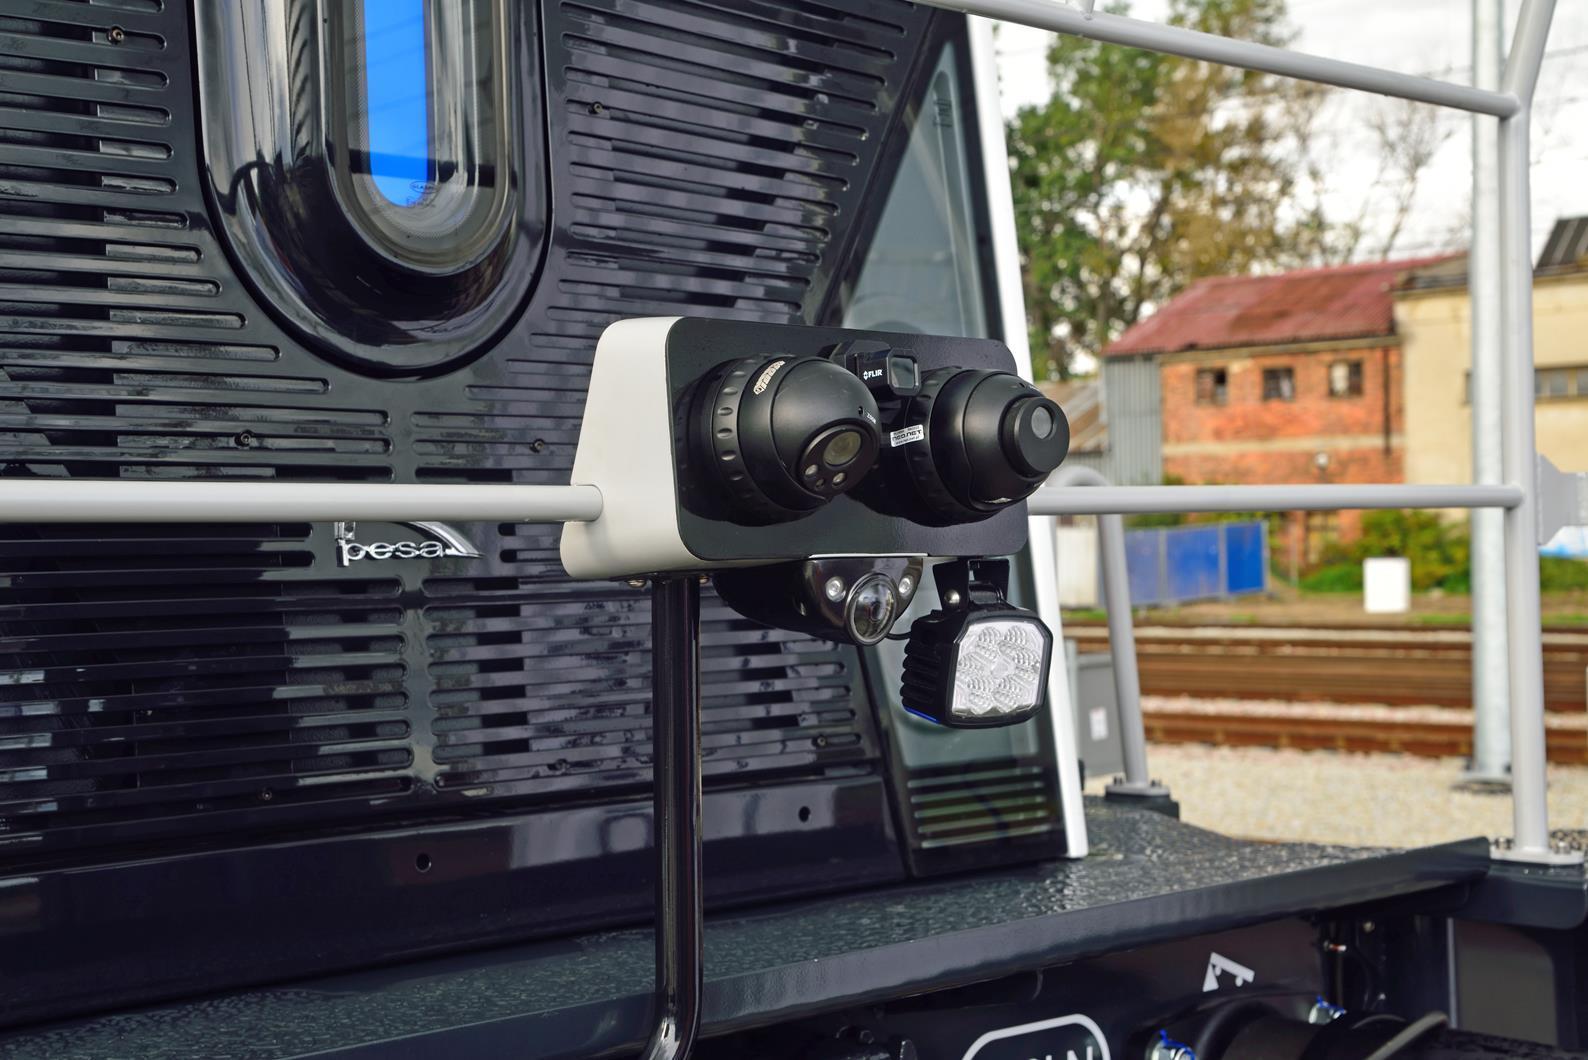 Az SM42-6Dn sorozatú mozdony környezetét korszerű kamerarendszer figyeli (képek forrása: Railway Gazette)